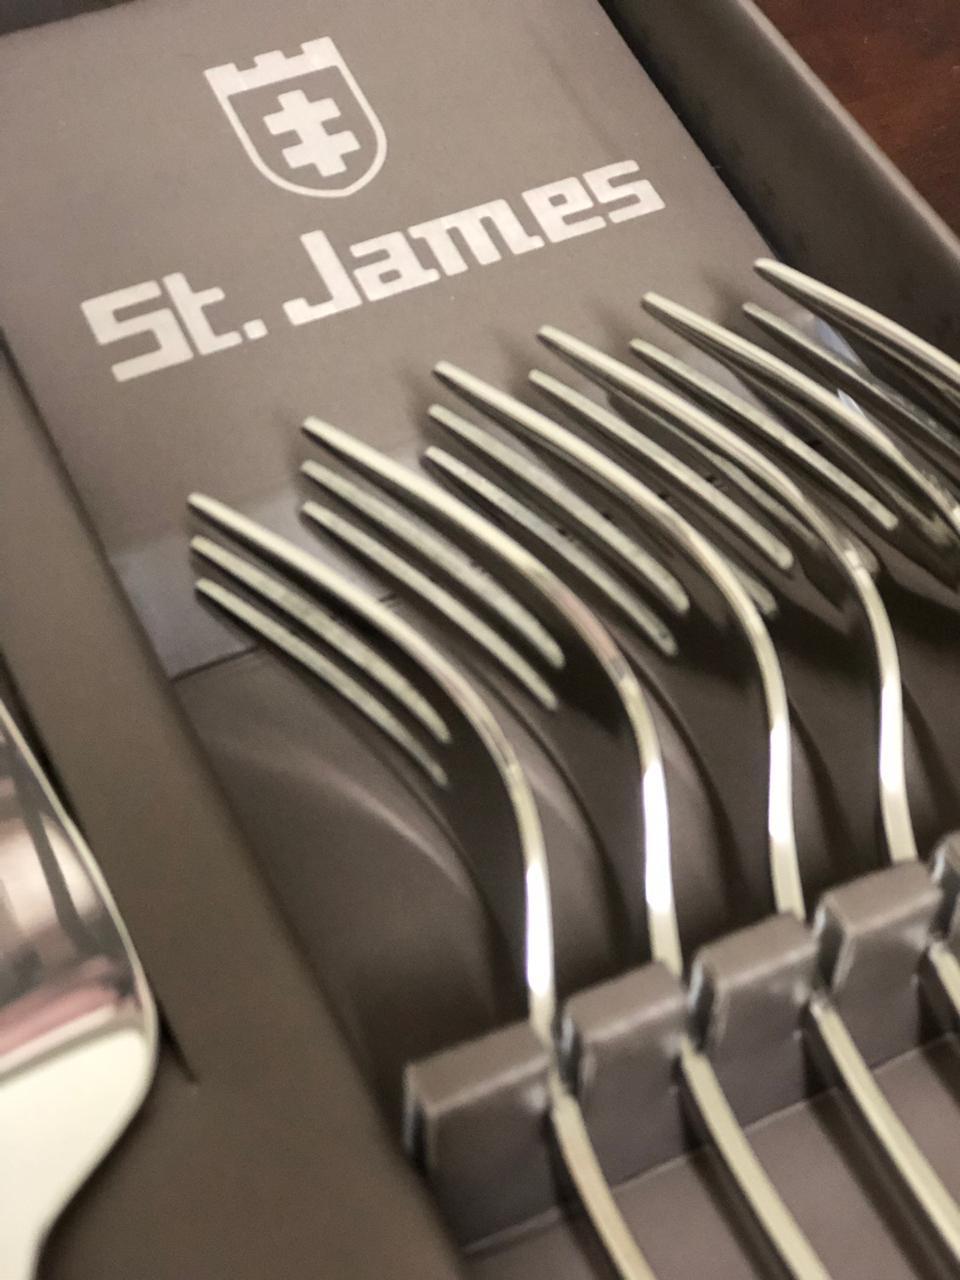 Jogo para Bolo em Inox com 1 Espatula e 6 garfos - Serenity St James